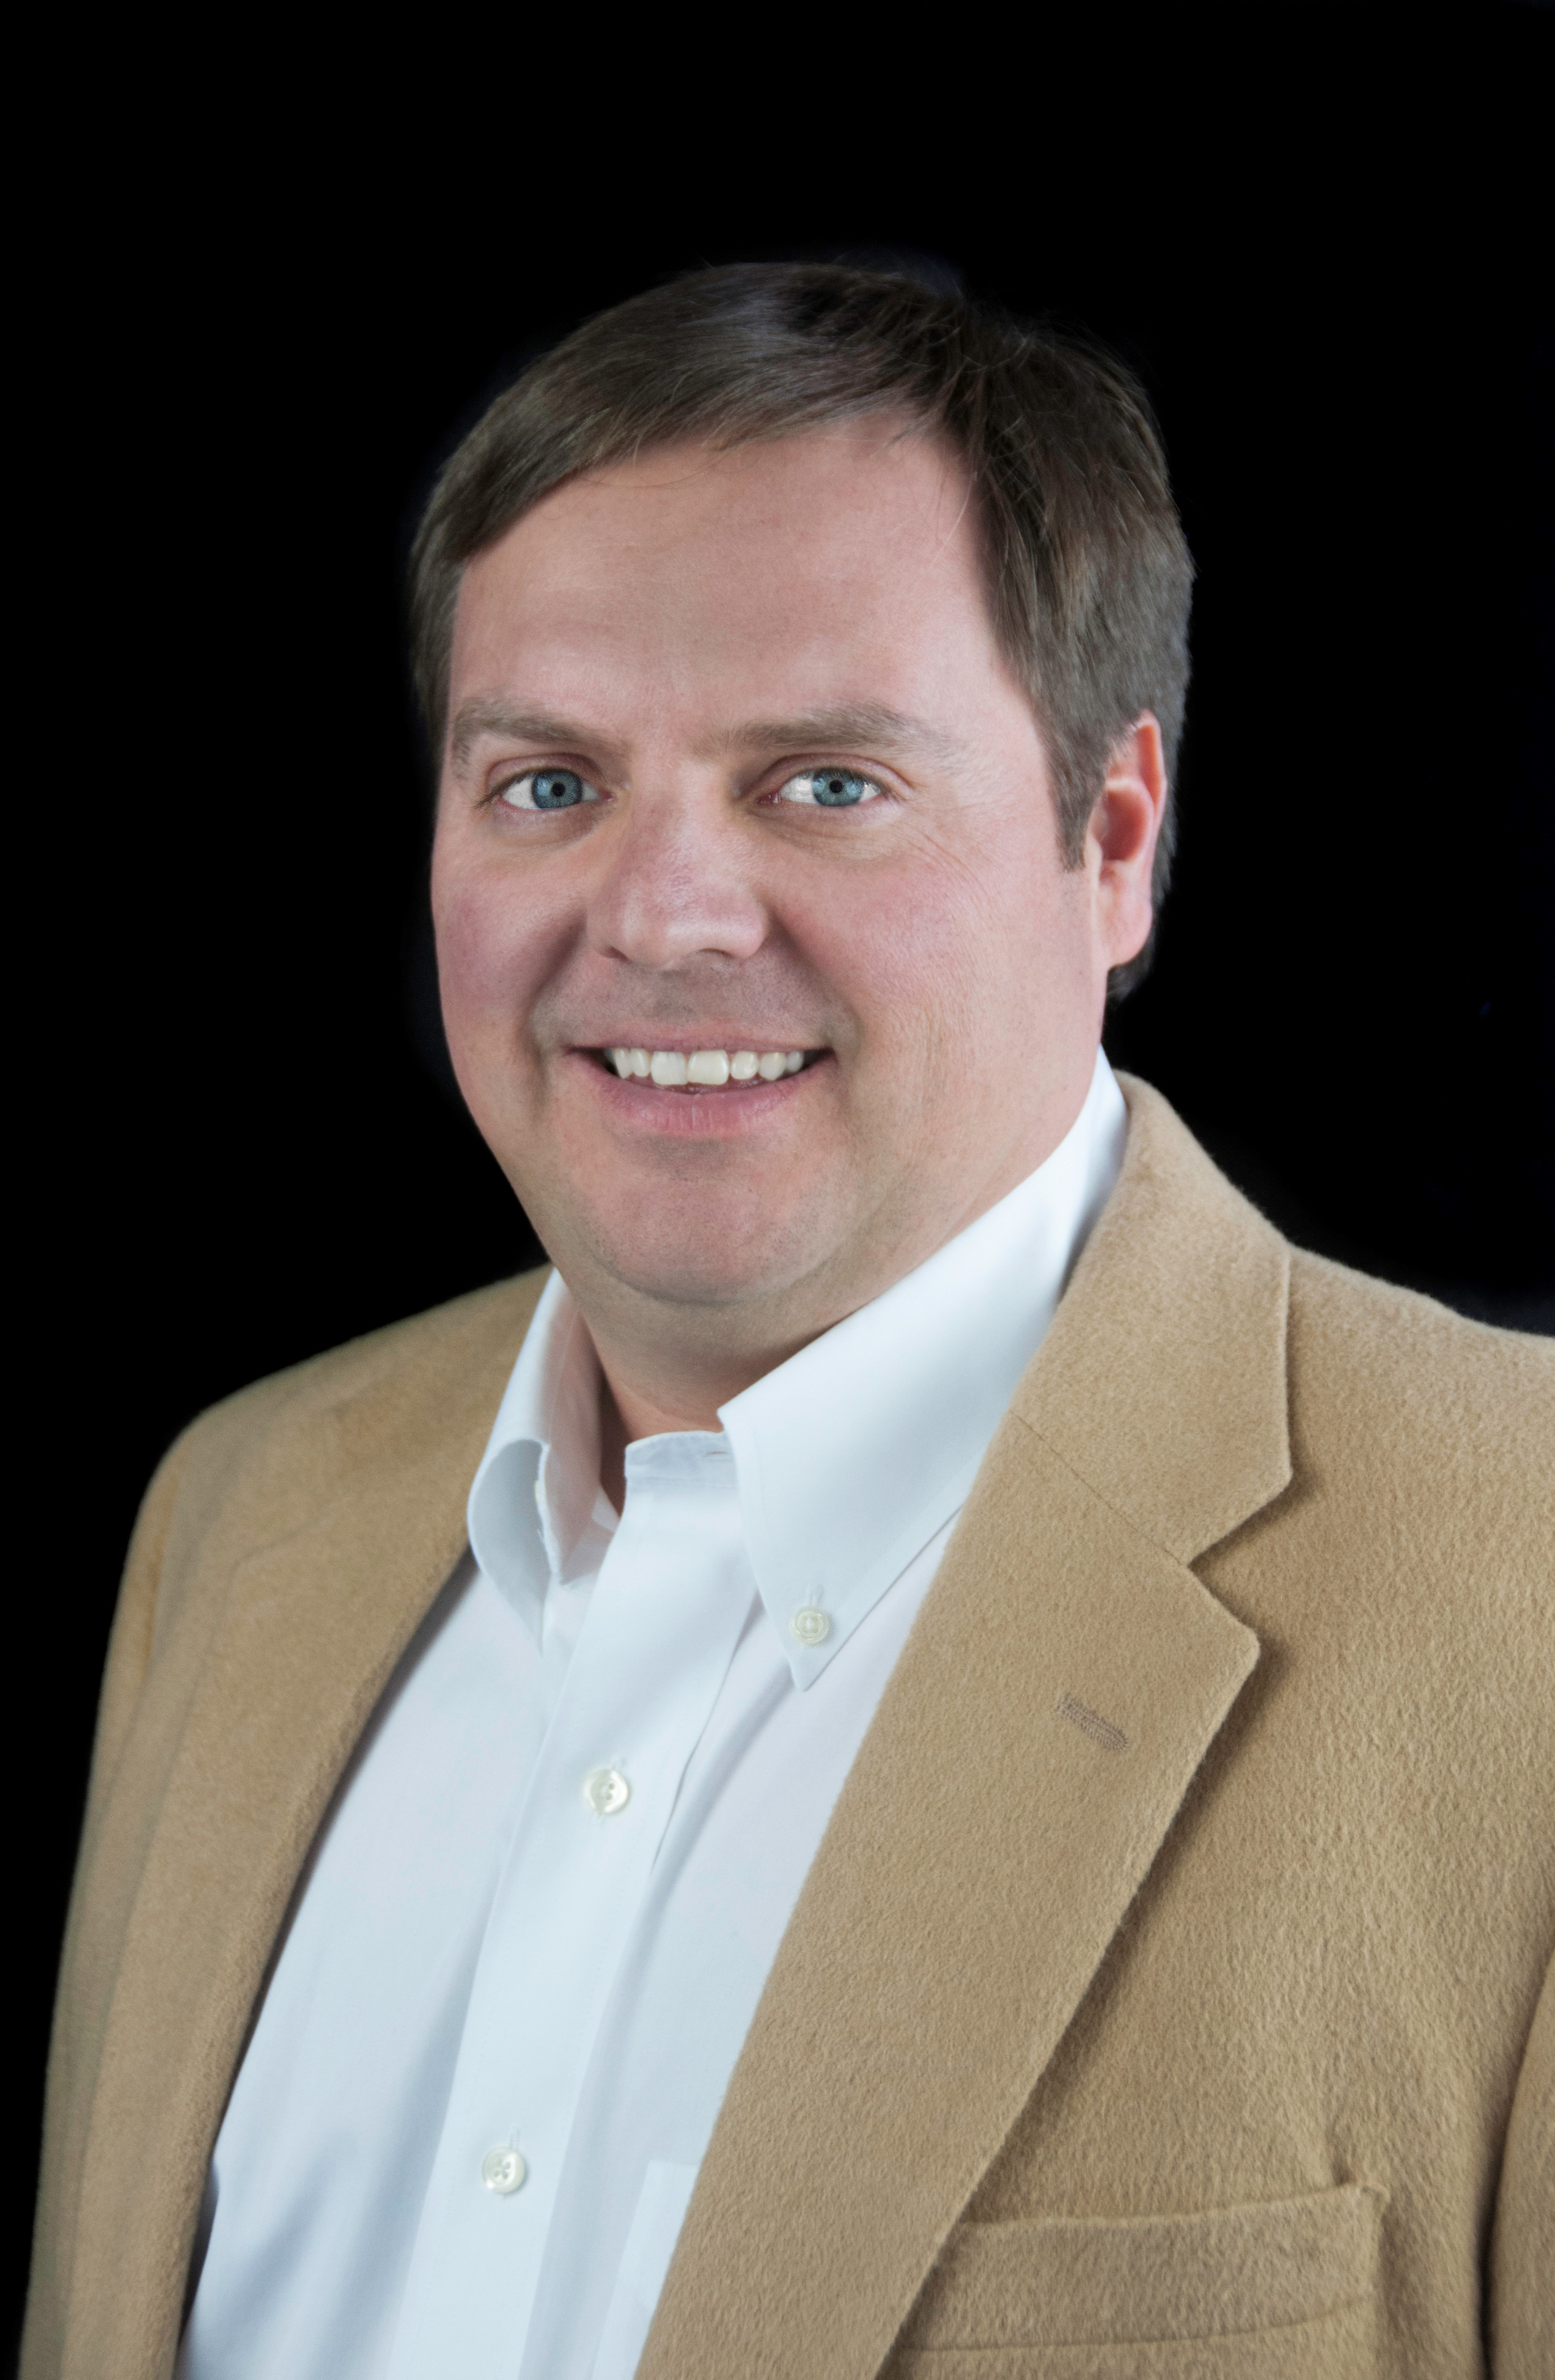 Wes Sutton, Associate Broker, Appraiser